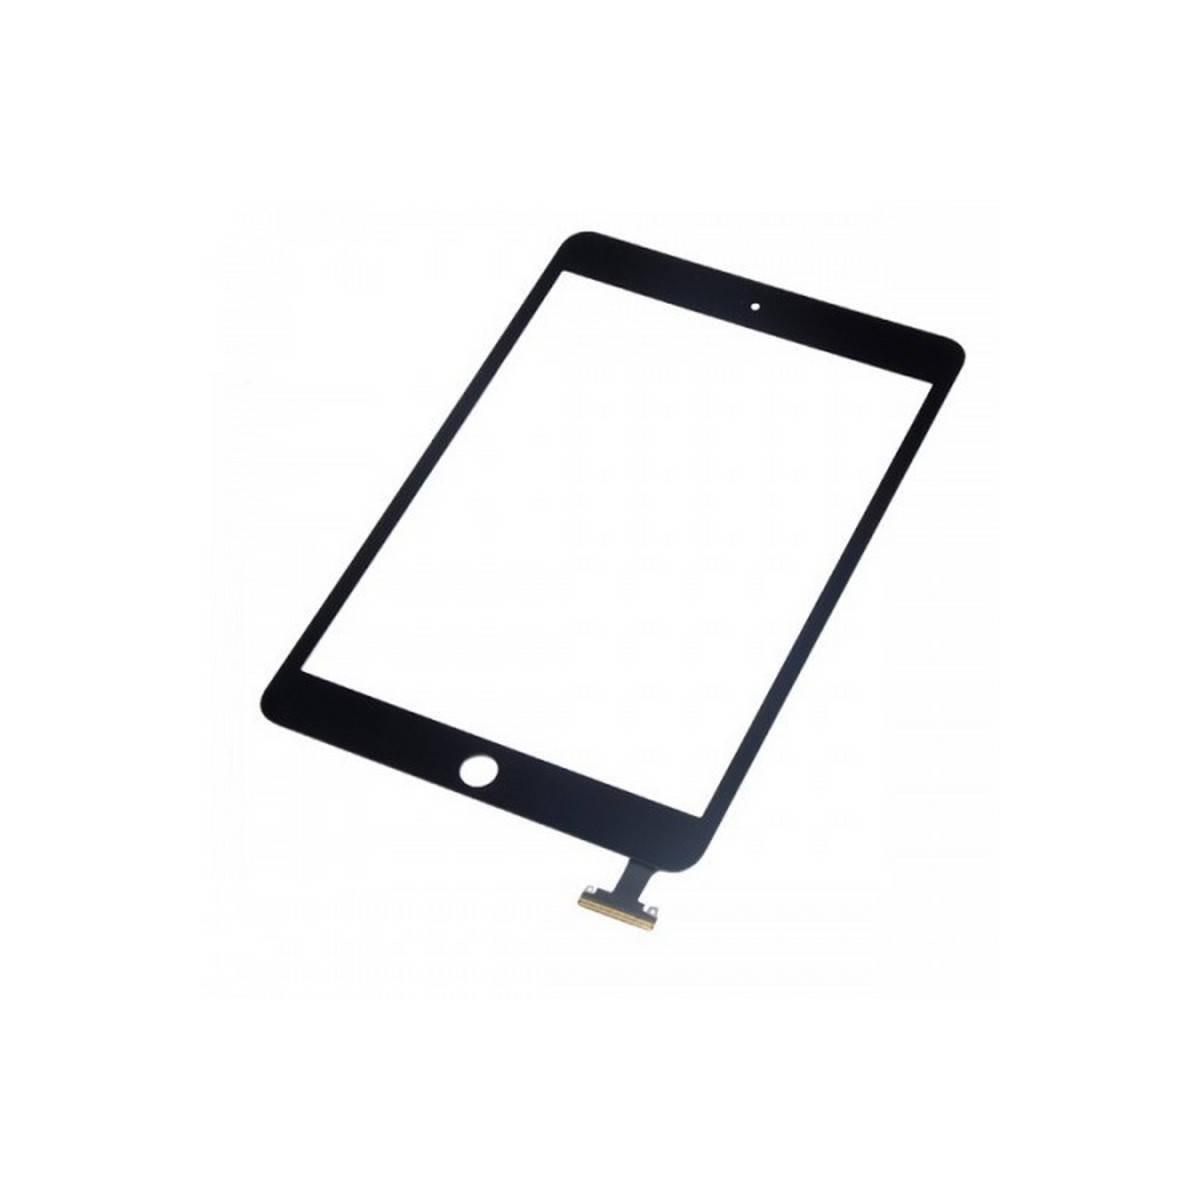 tactil ipad mini/ ipad mini 2 negro